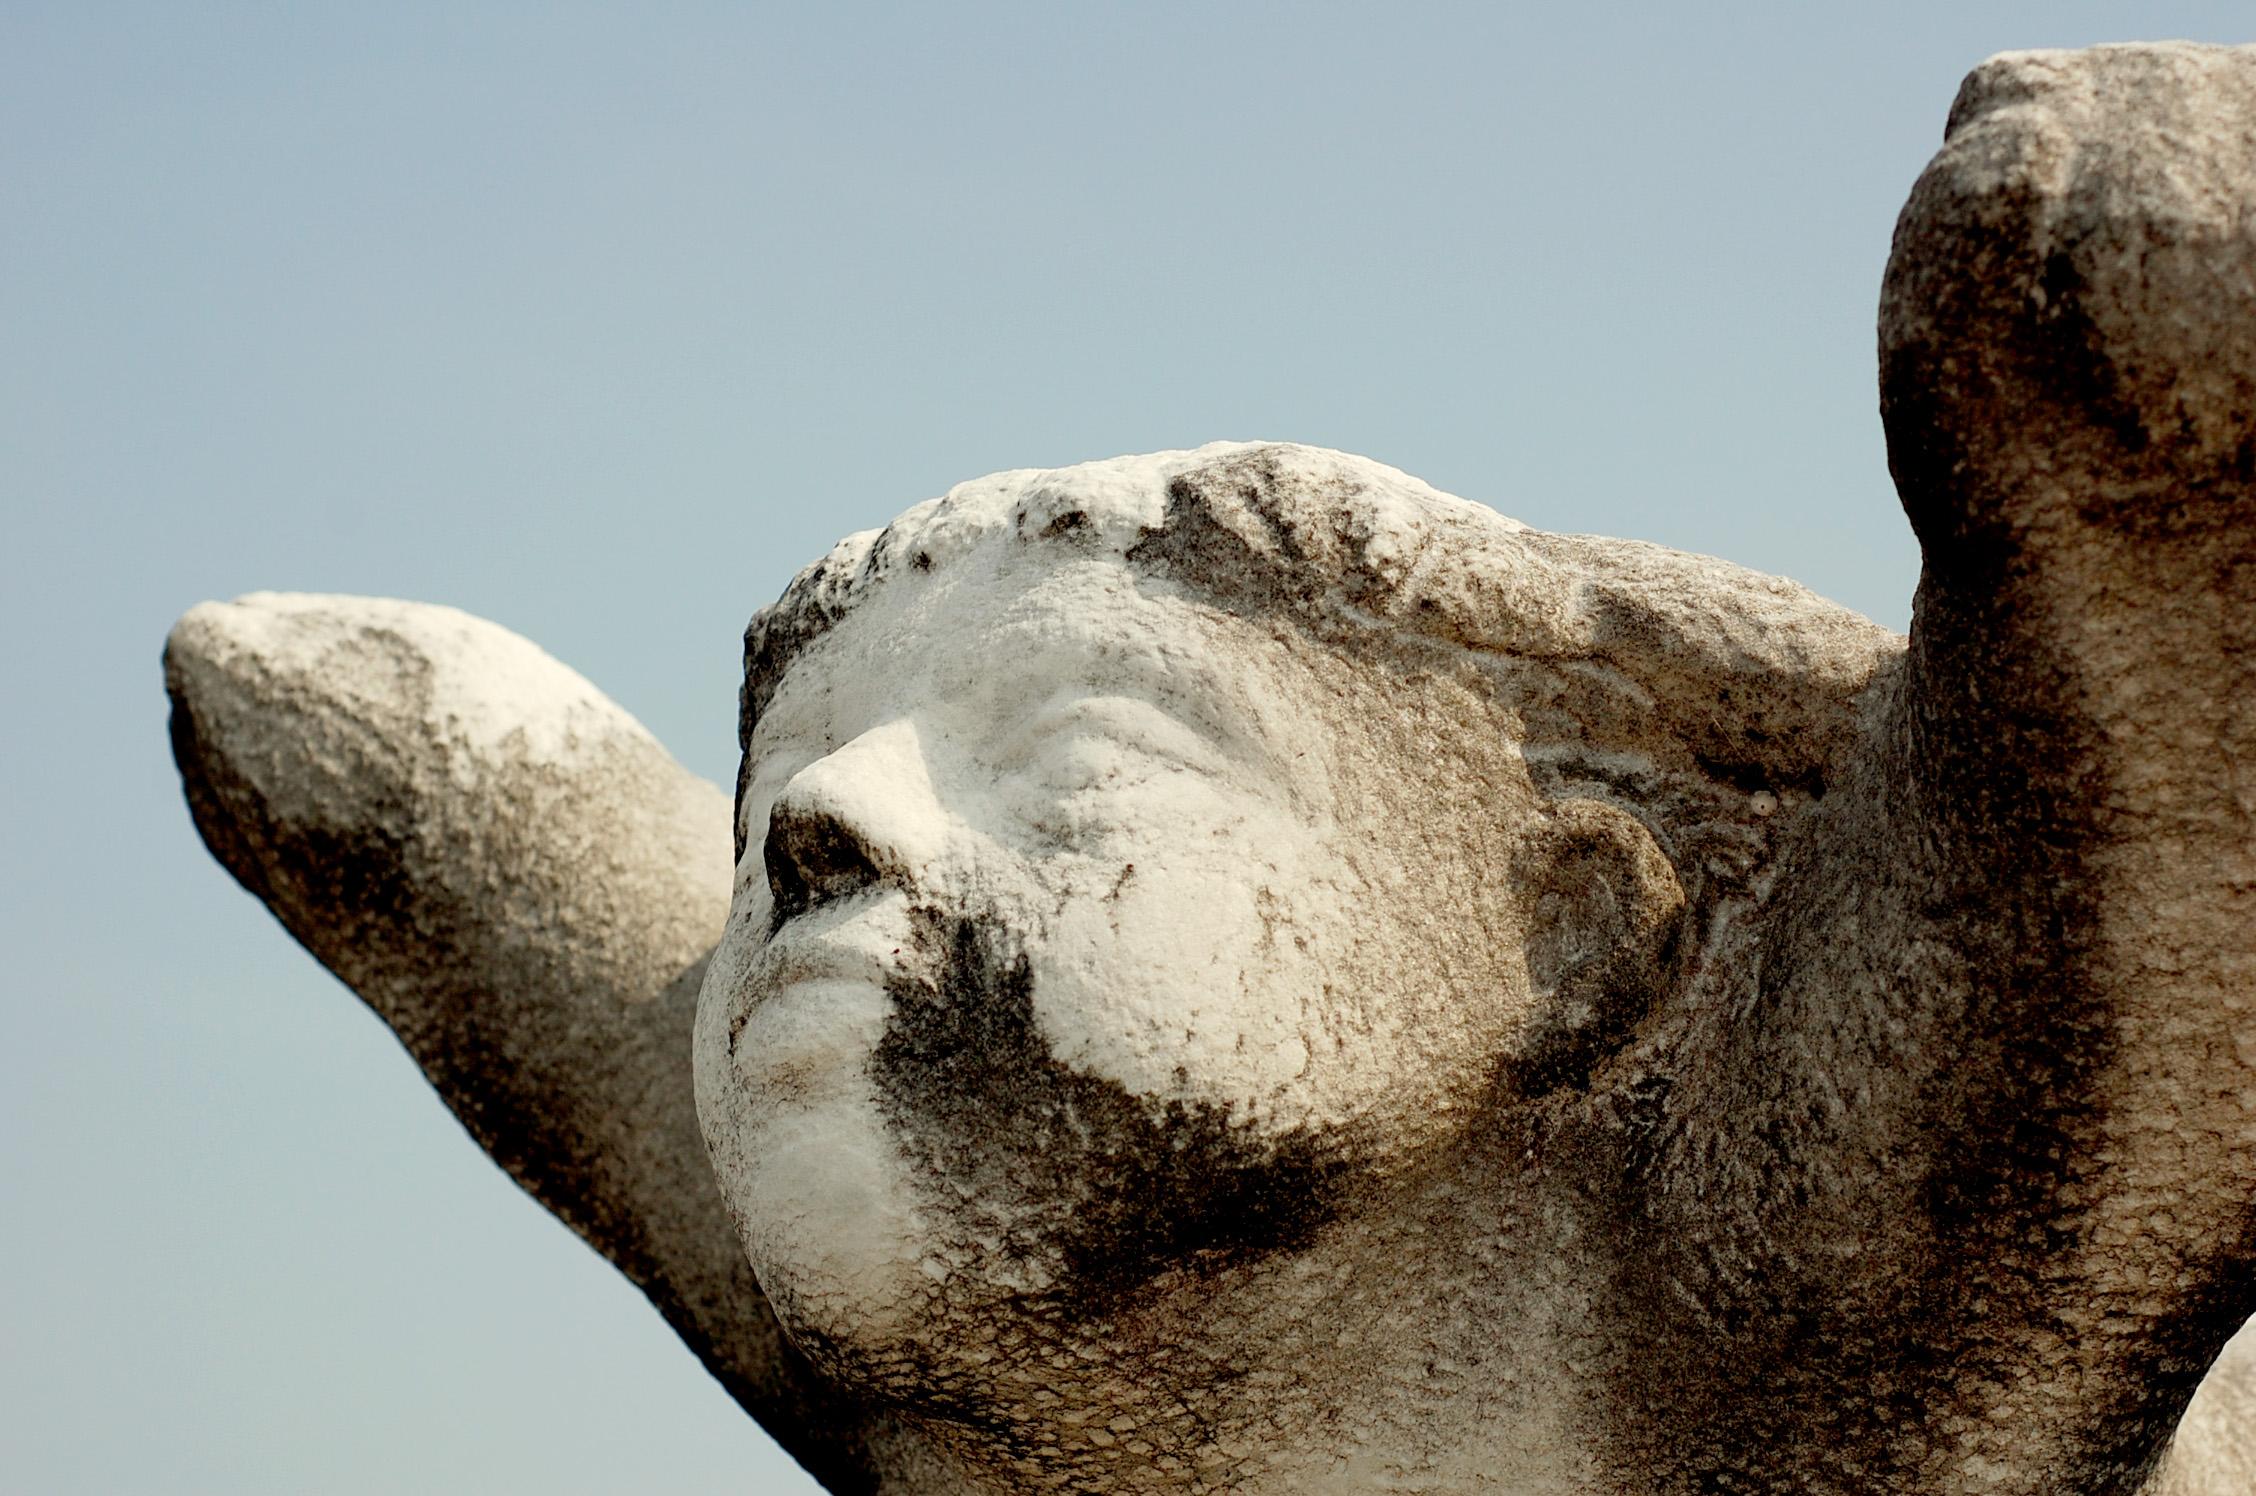 手を広げる石像 ブーン デジタル一眼レフで撮影 単焦点レンズを使用